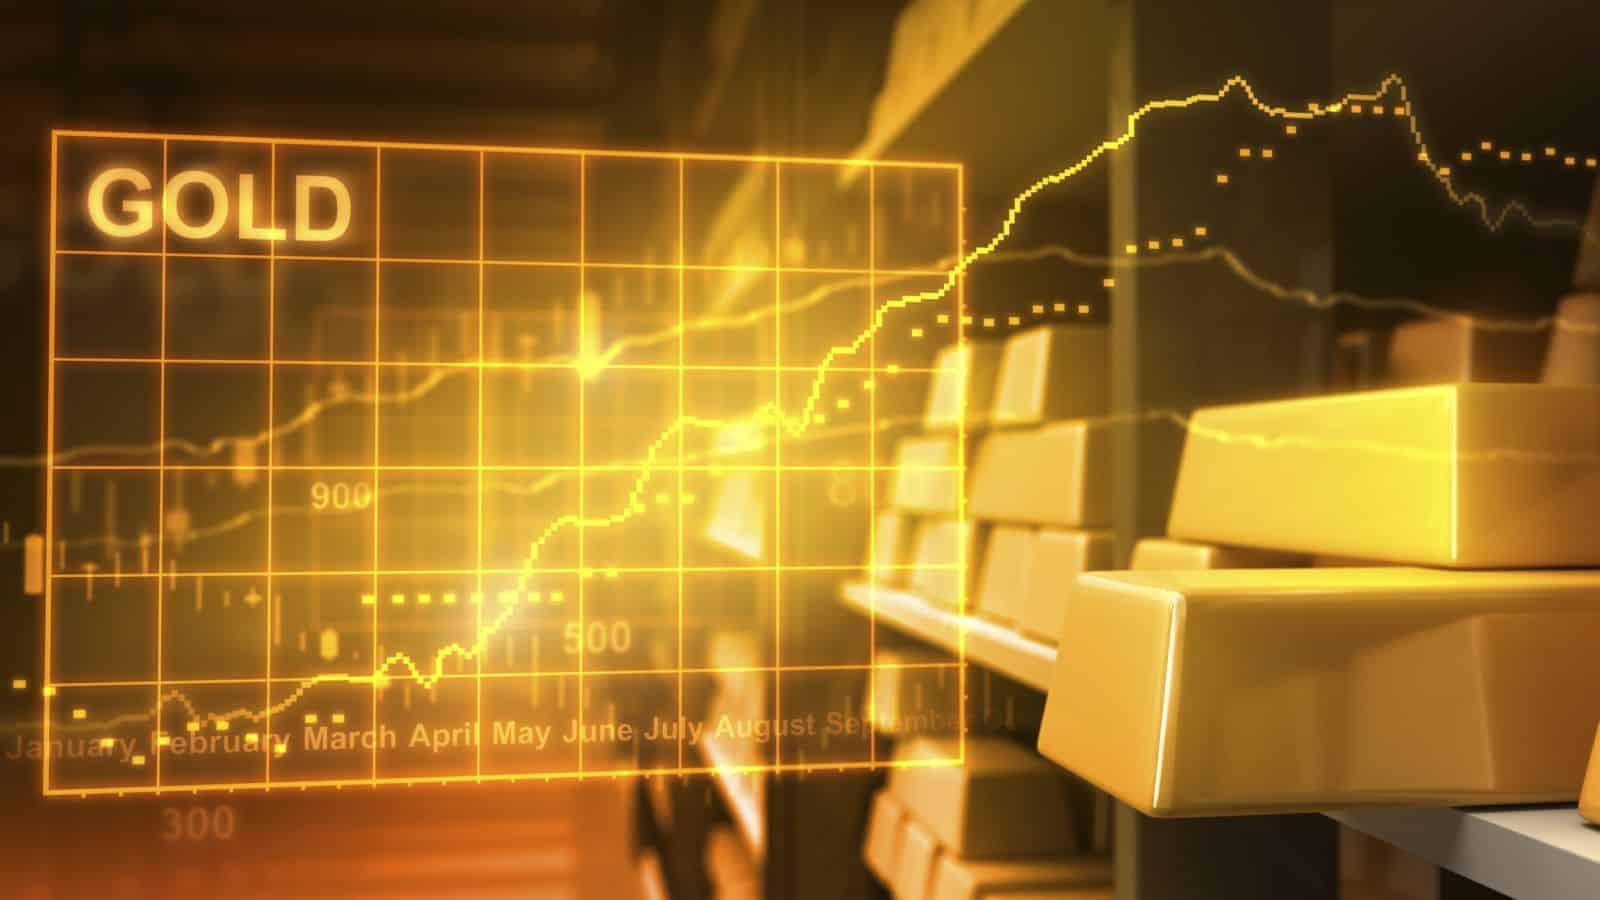 تحلیل تکنیکال طلا اندیکاتور - تحلیل اخبار و قیمت انس جهانی طلا؛ سهشنبه ۱۱ آذر